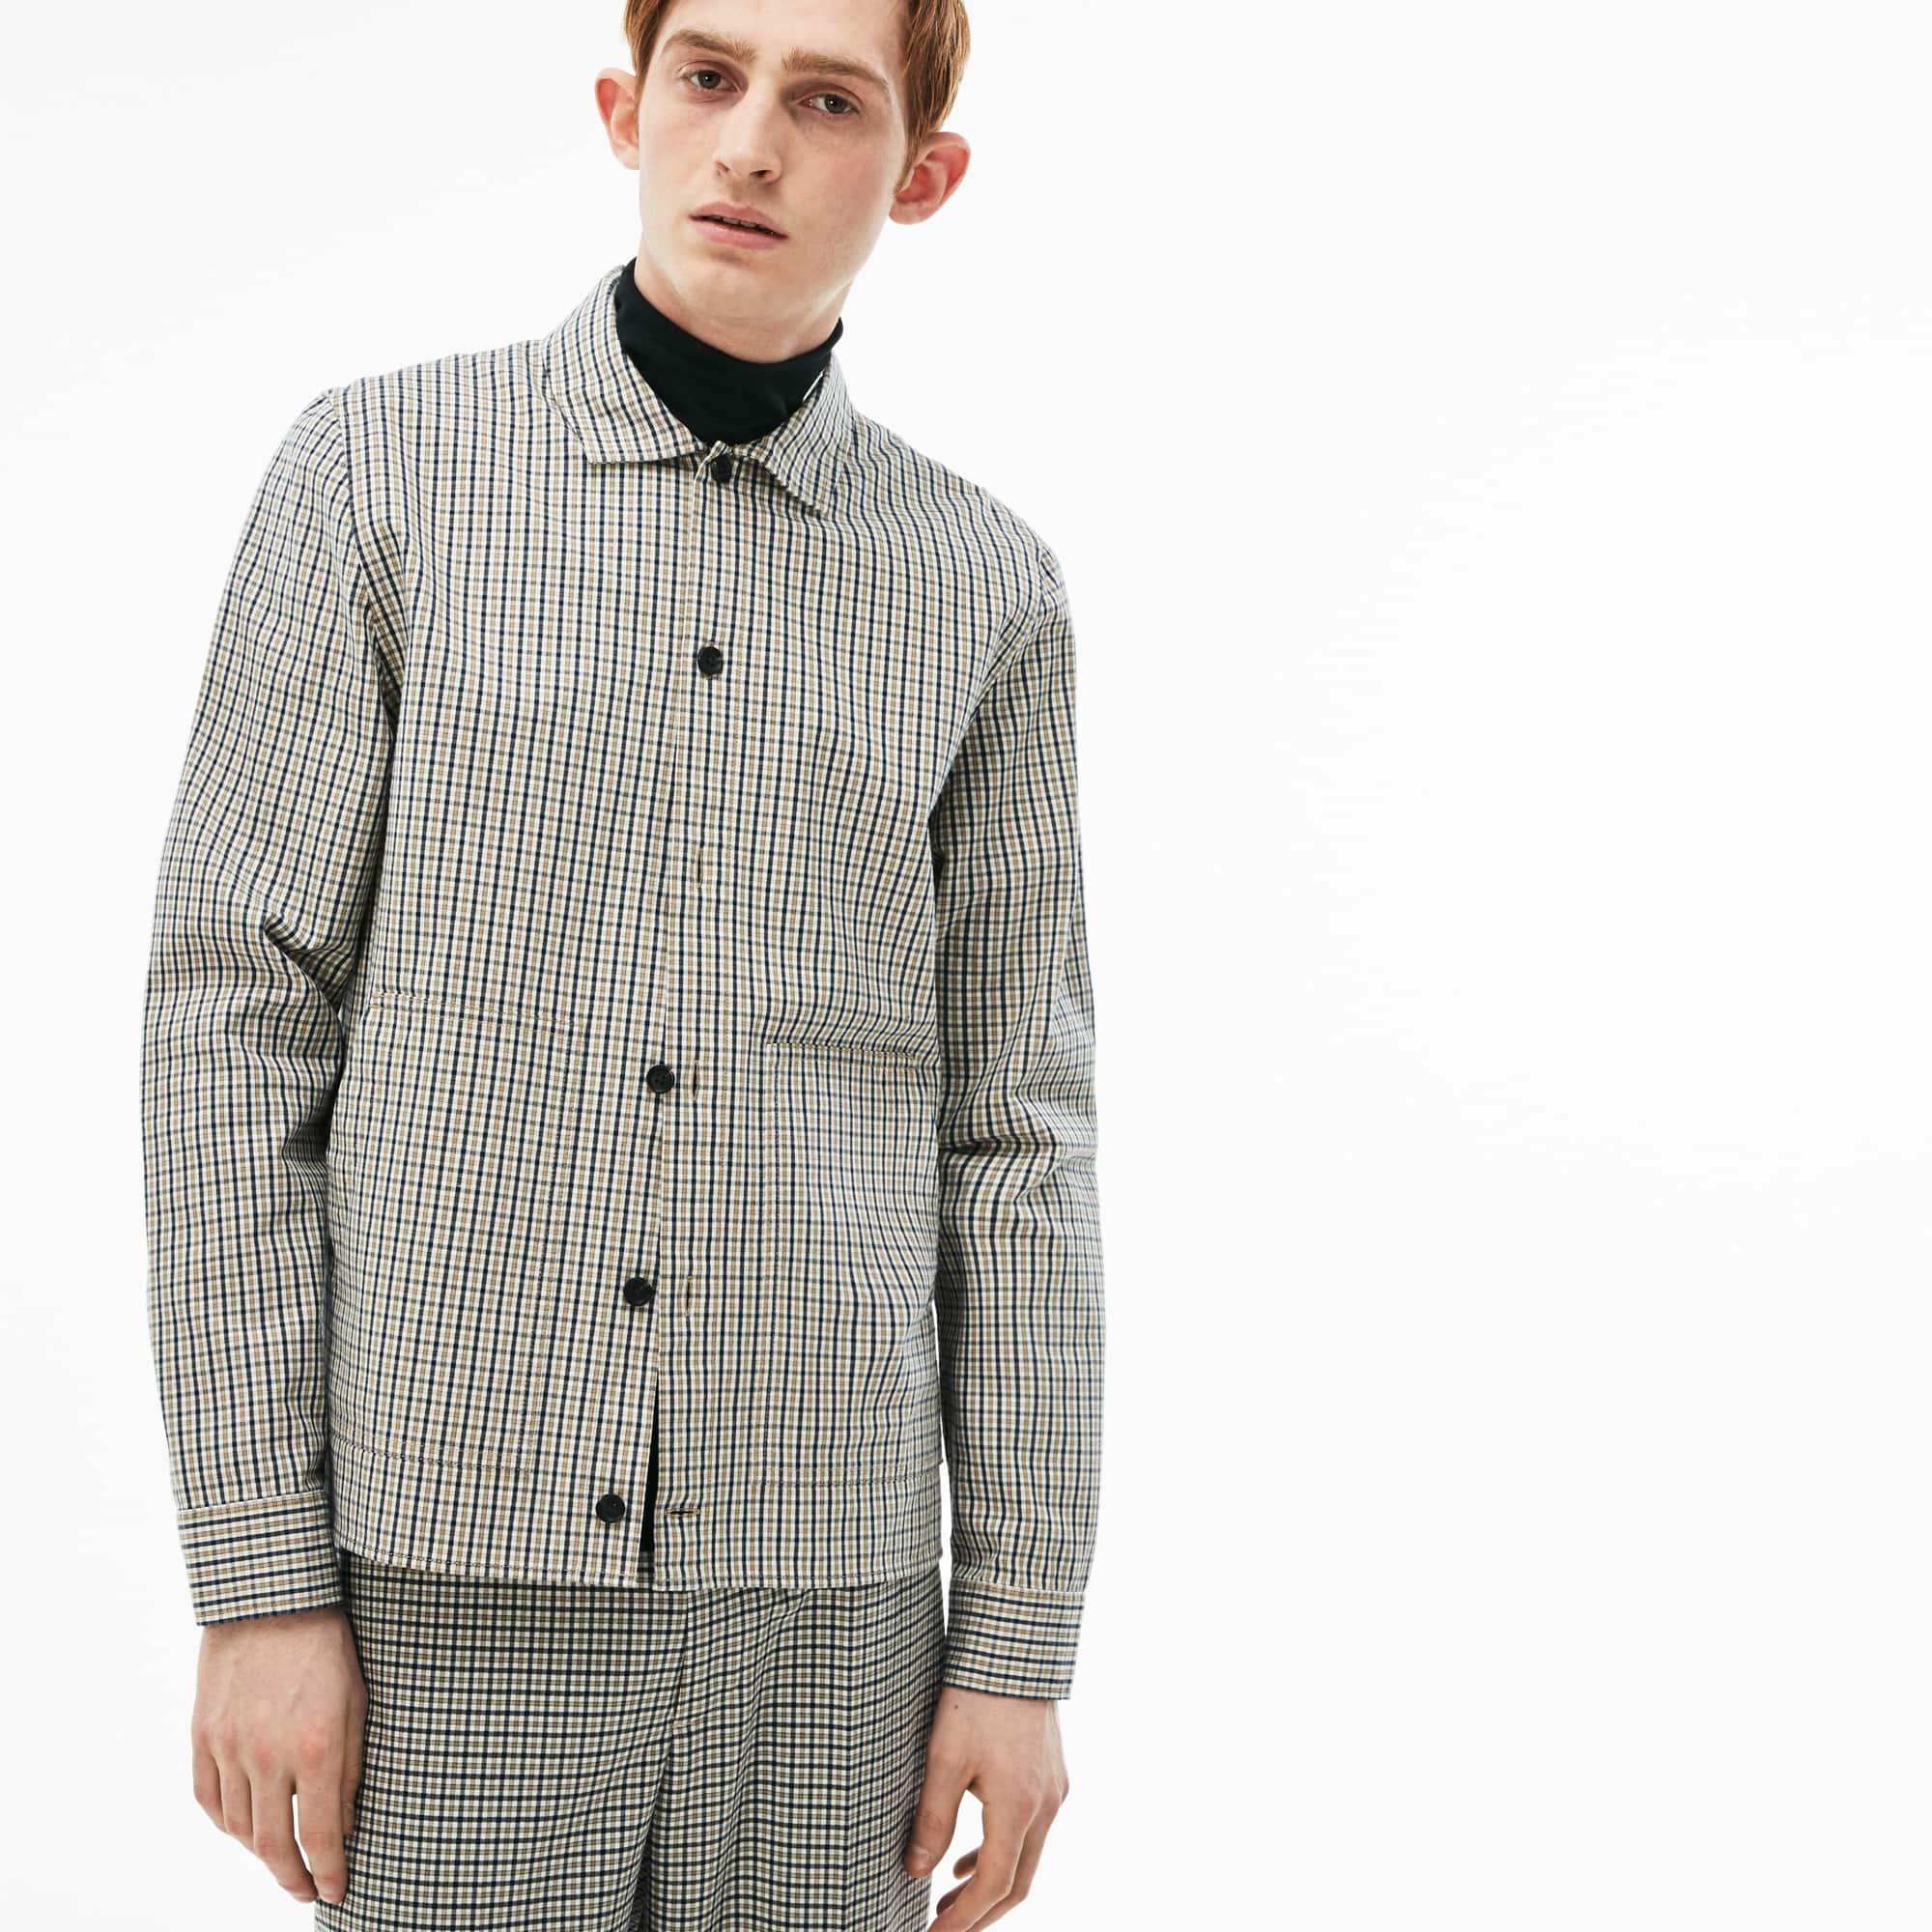 huge selection of 1848c ba004 Collezione Da Camicie Uomo Lacoste Camicie Da Uomo ...